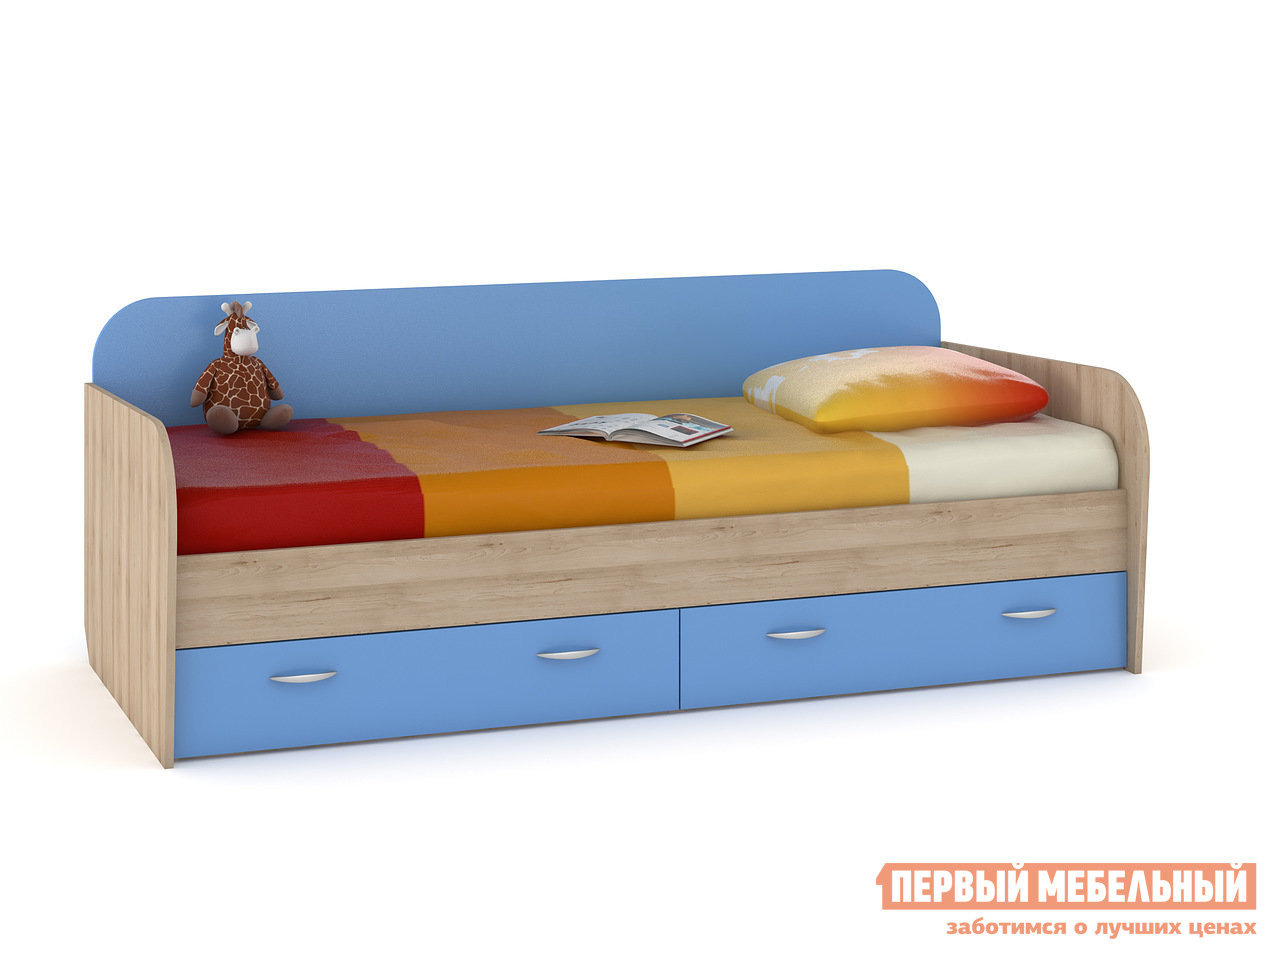 Детская кровать Первый Мебельный Ника 424 Кровать